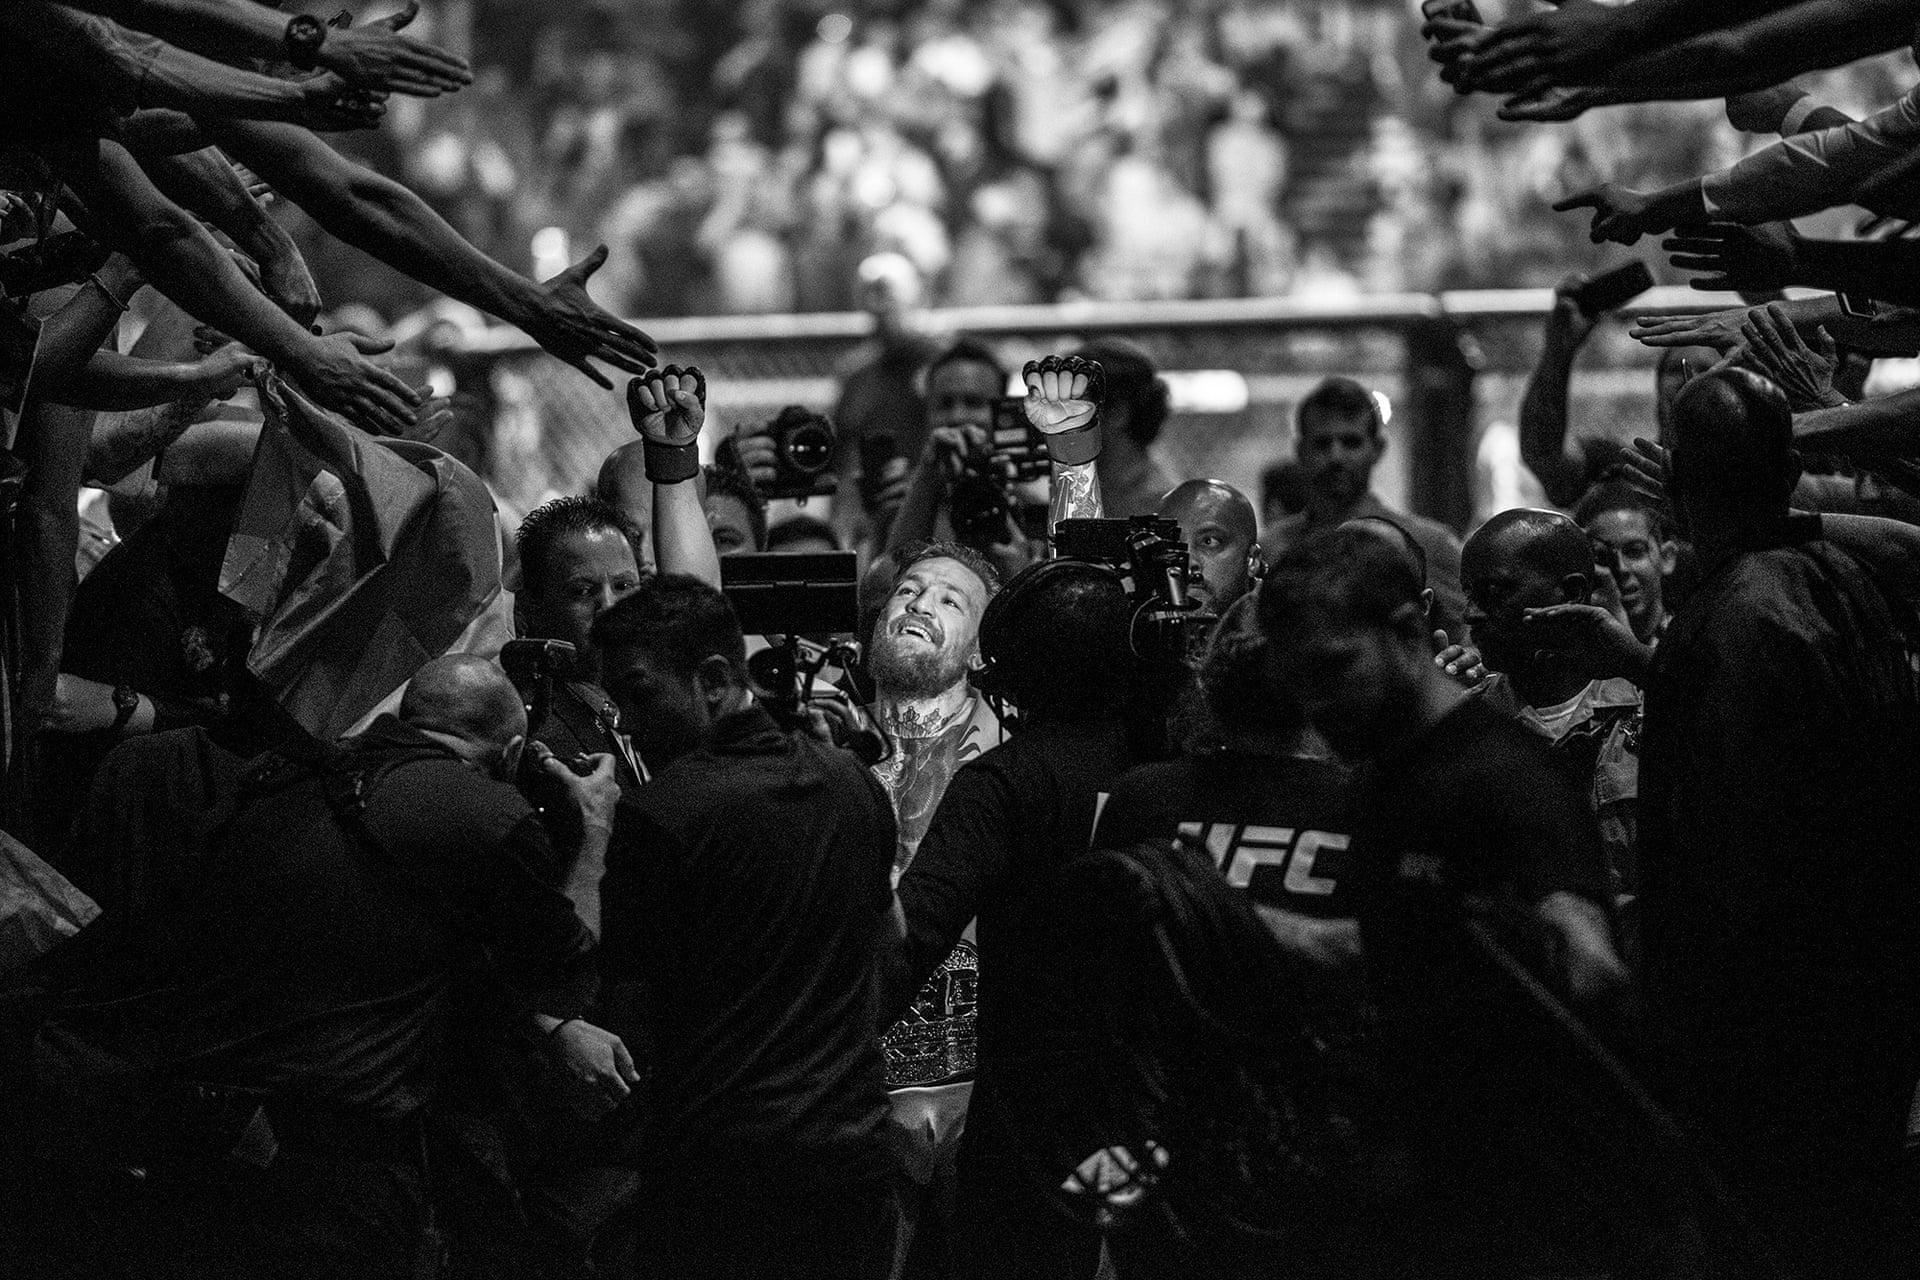 Өвдөлт, хөлс, инээмсэглэл: Спортын шилдэг гэрэл зургууд